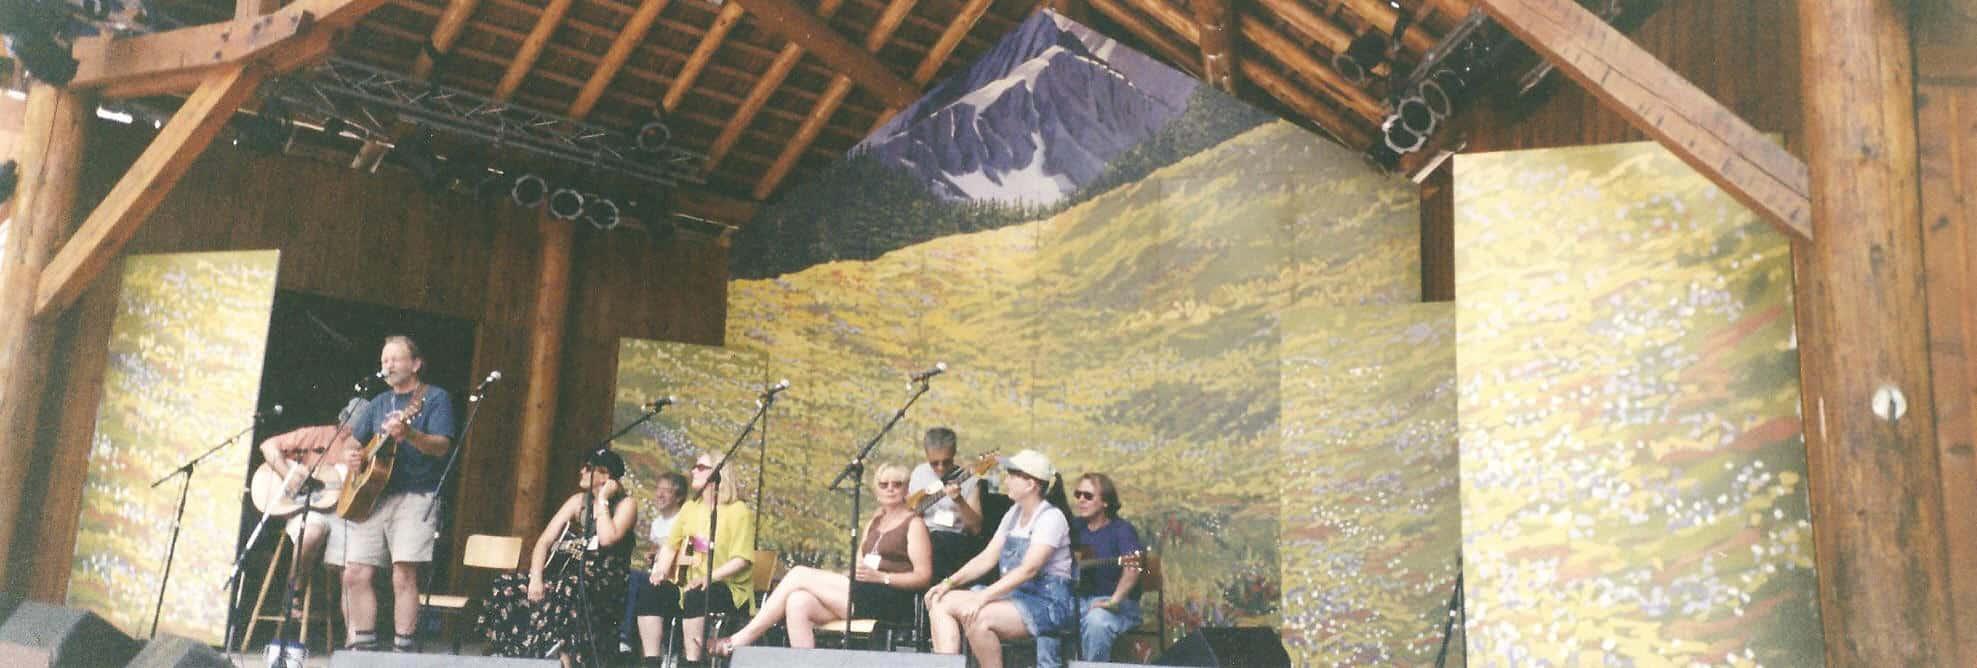 Folk_Fest_Stage 002